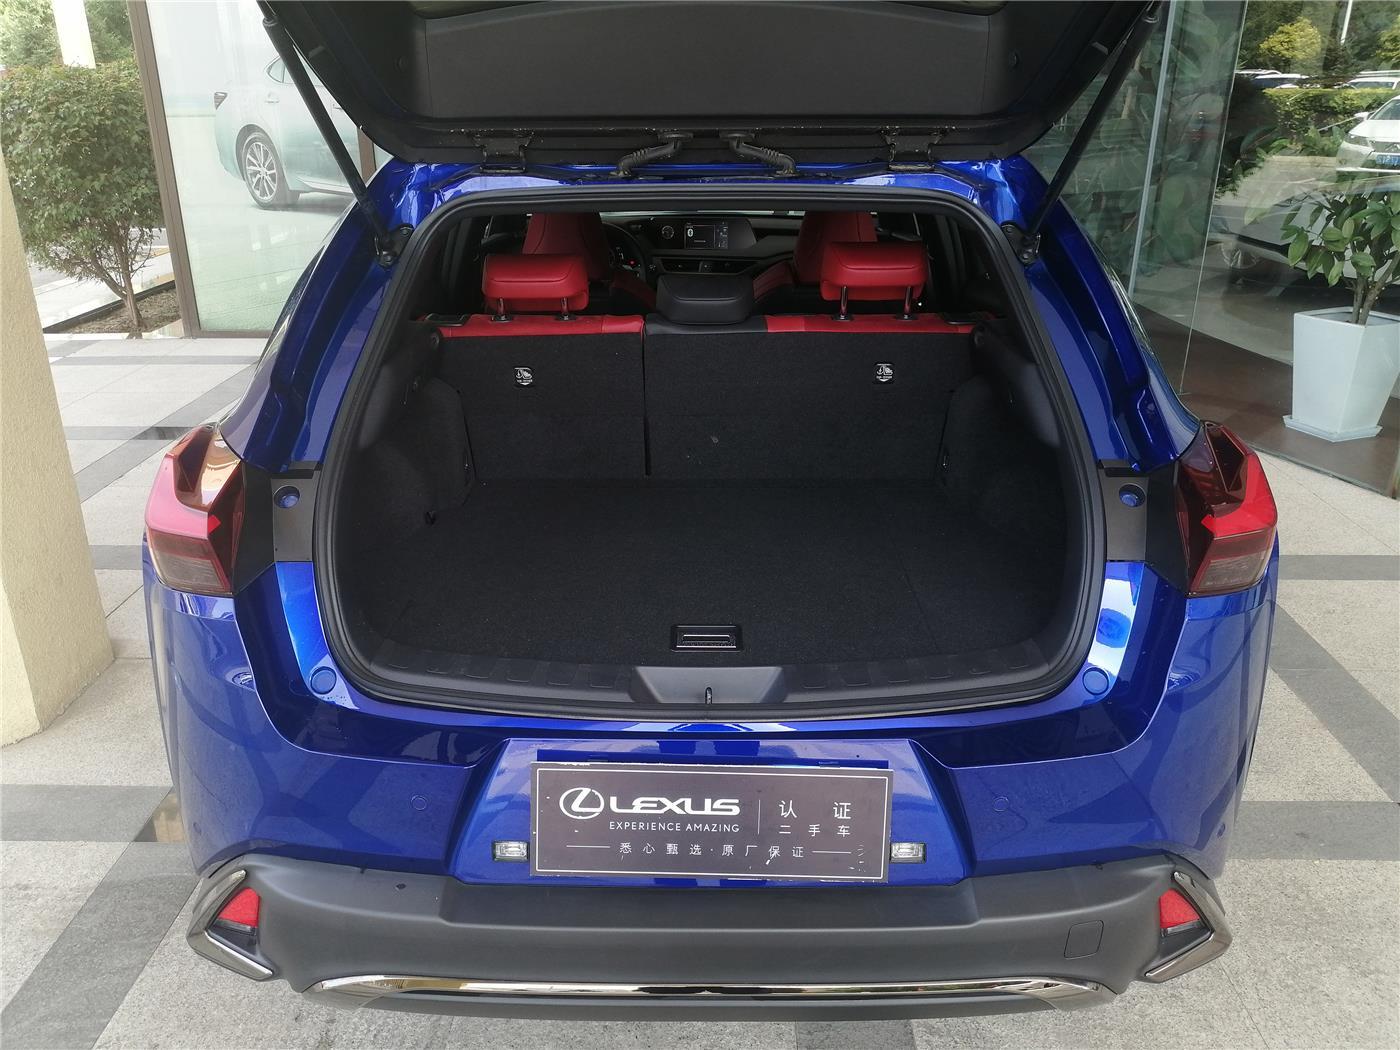 雷克萨斯UX 2.0 CVT 260h F SPORT油电混合(国Ⅵ)[201909]